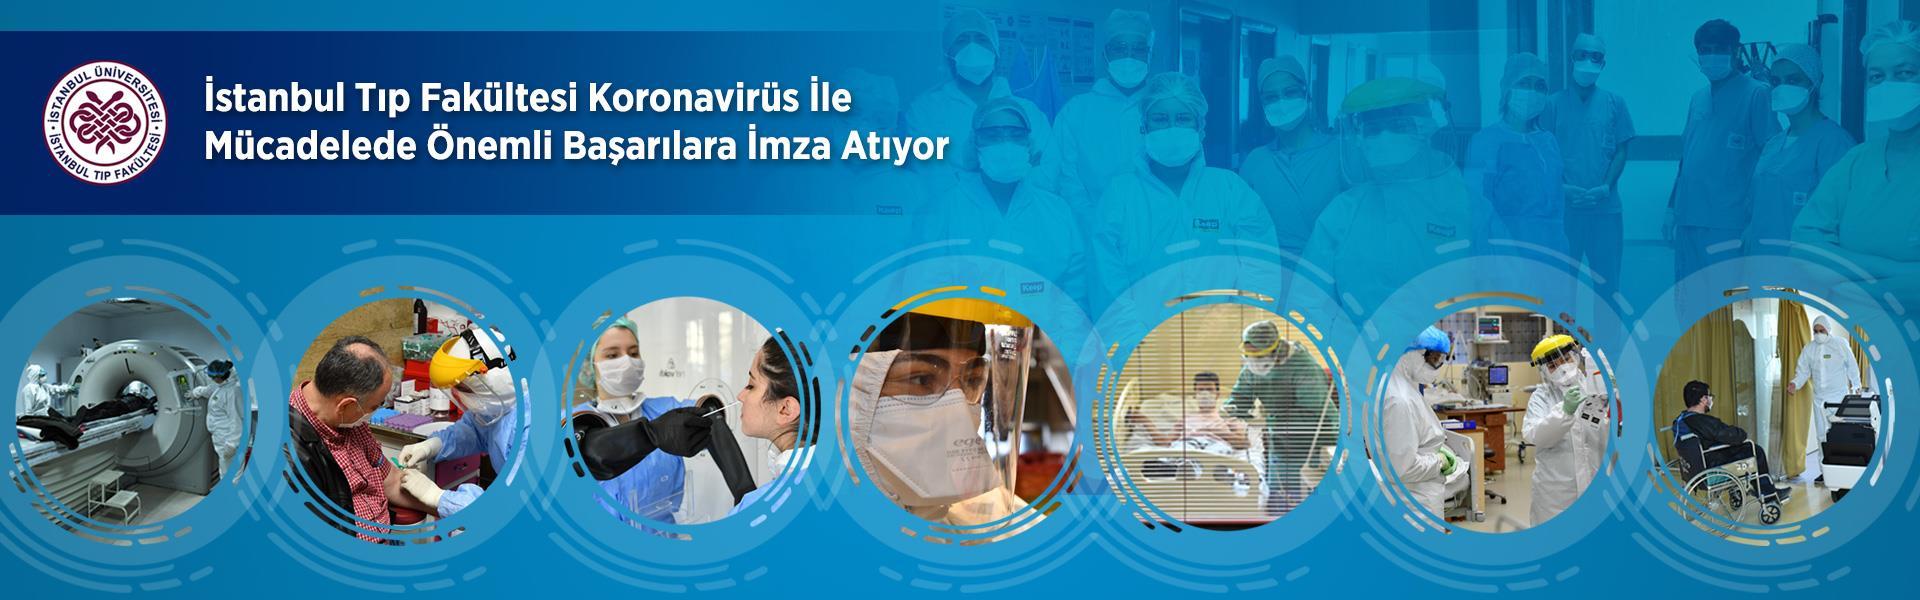 COVID-19 istanbul-tıp-fakültesi salgın-hastanesi